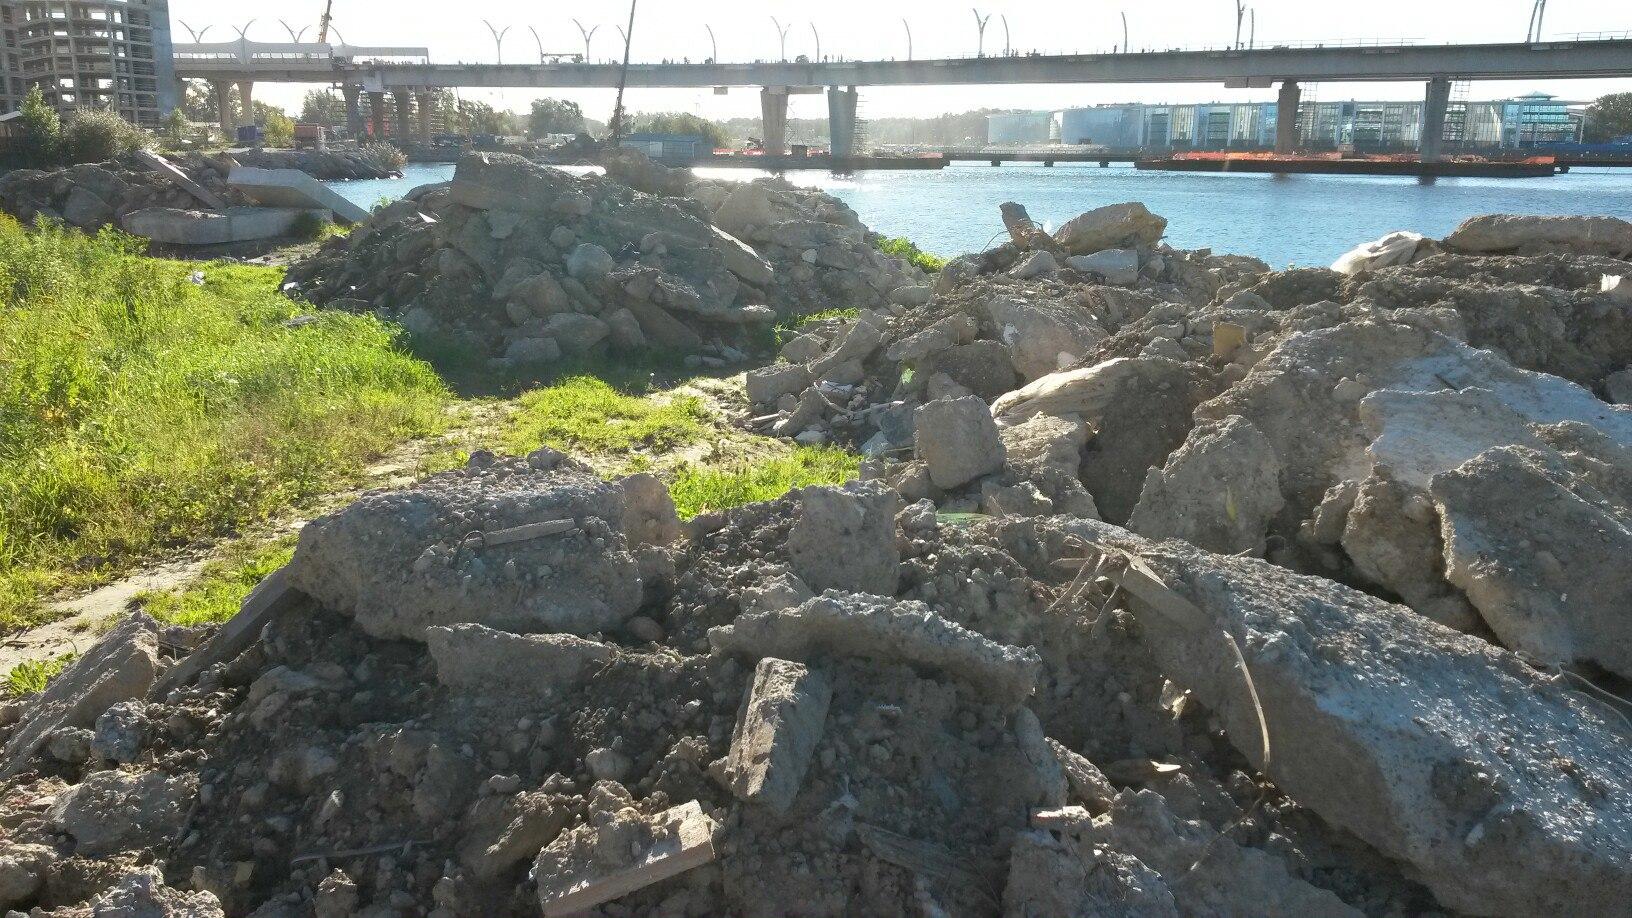 Строительный мусор несанкционированная свалка отходы финский залив приморский район